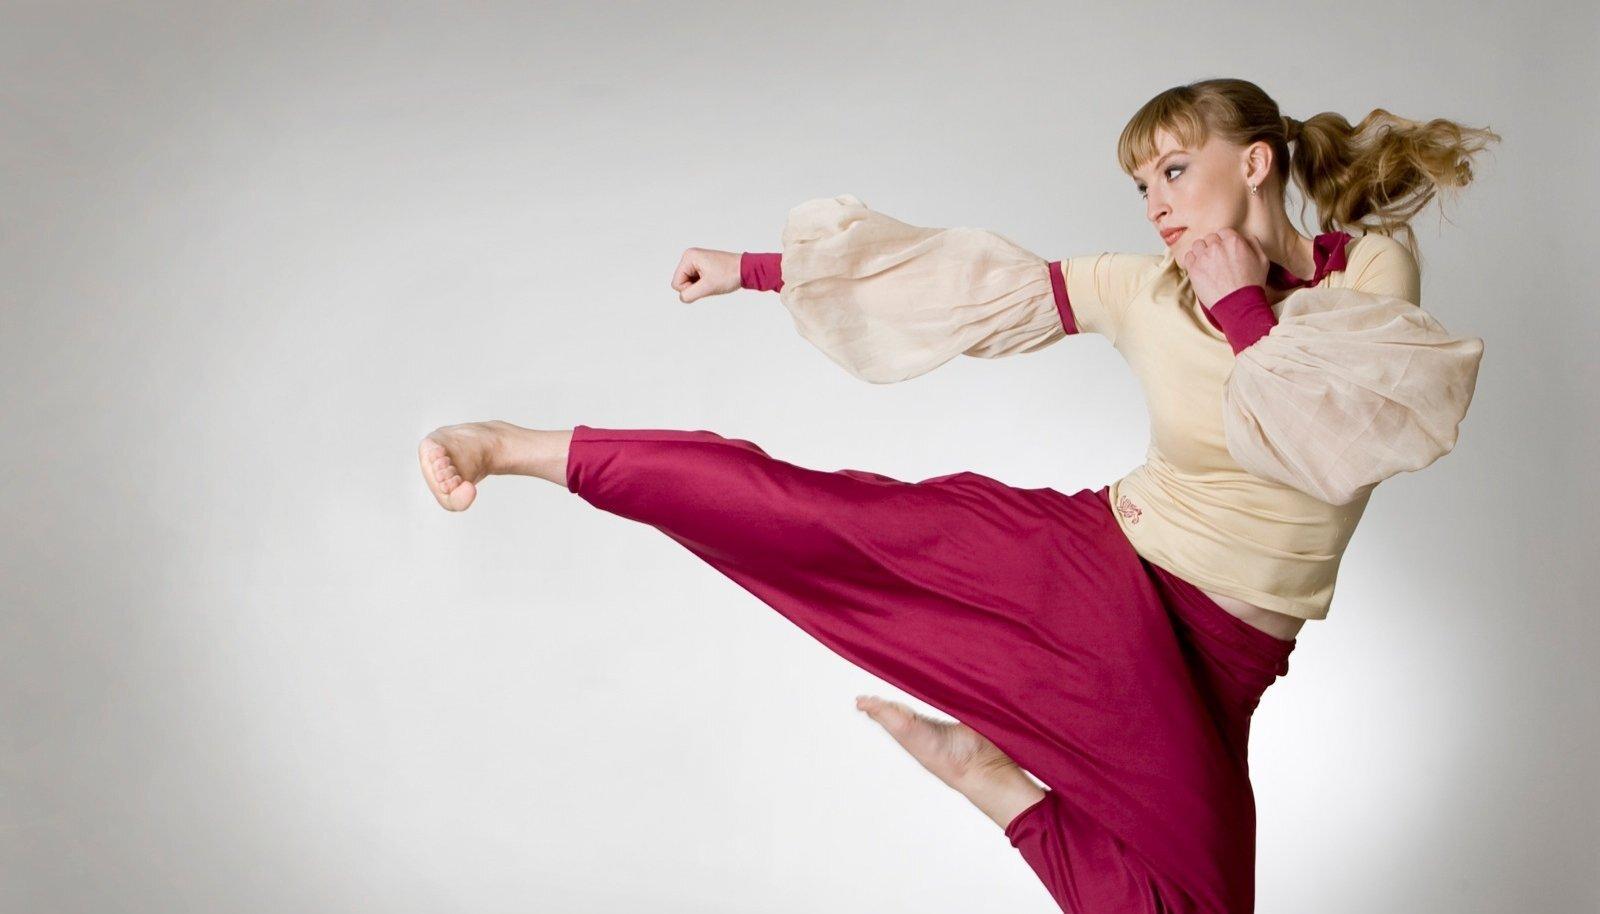 HEITLUS MITMEL RINDEL: Uzlova alustas karatest, võitis taekwondo's, rühib rahvusvähemuste eest MTÜs ja laste huvide kaitsel volikogus.